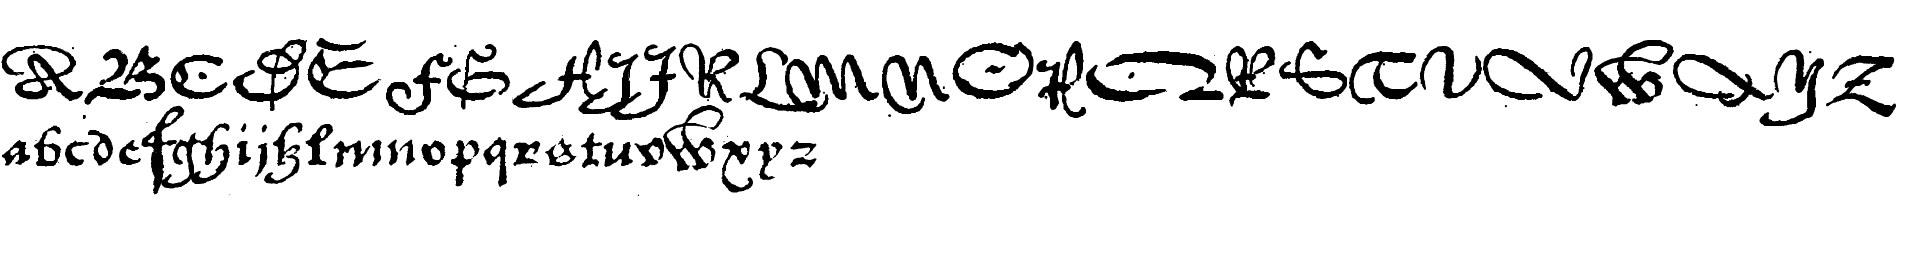 1742Frenchcivilite